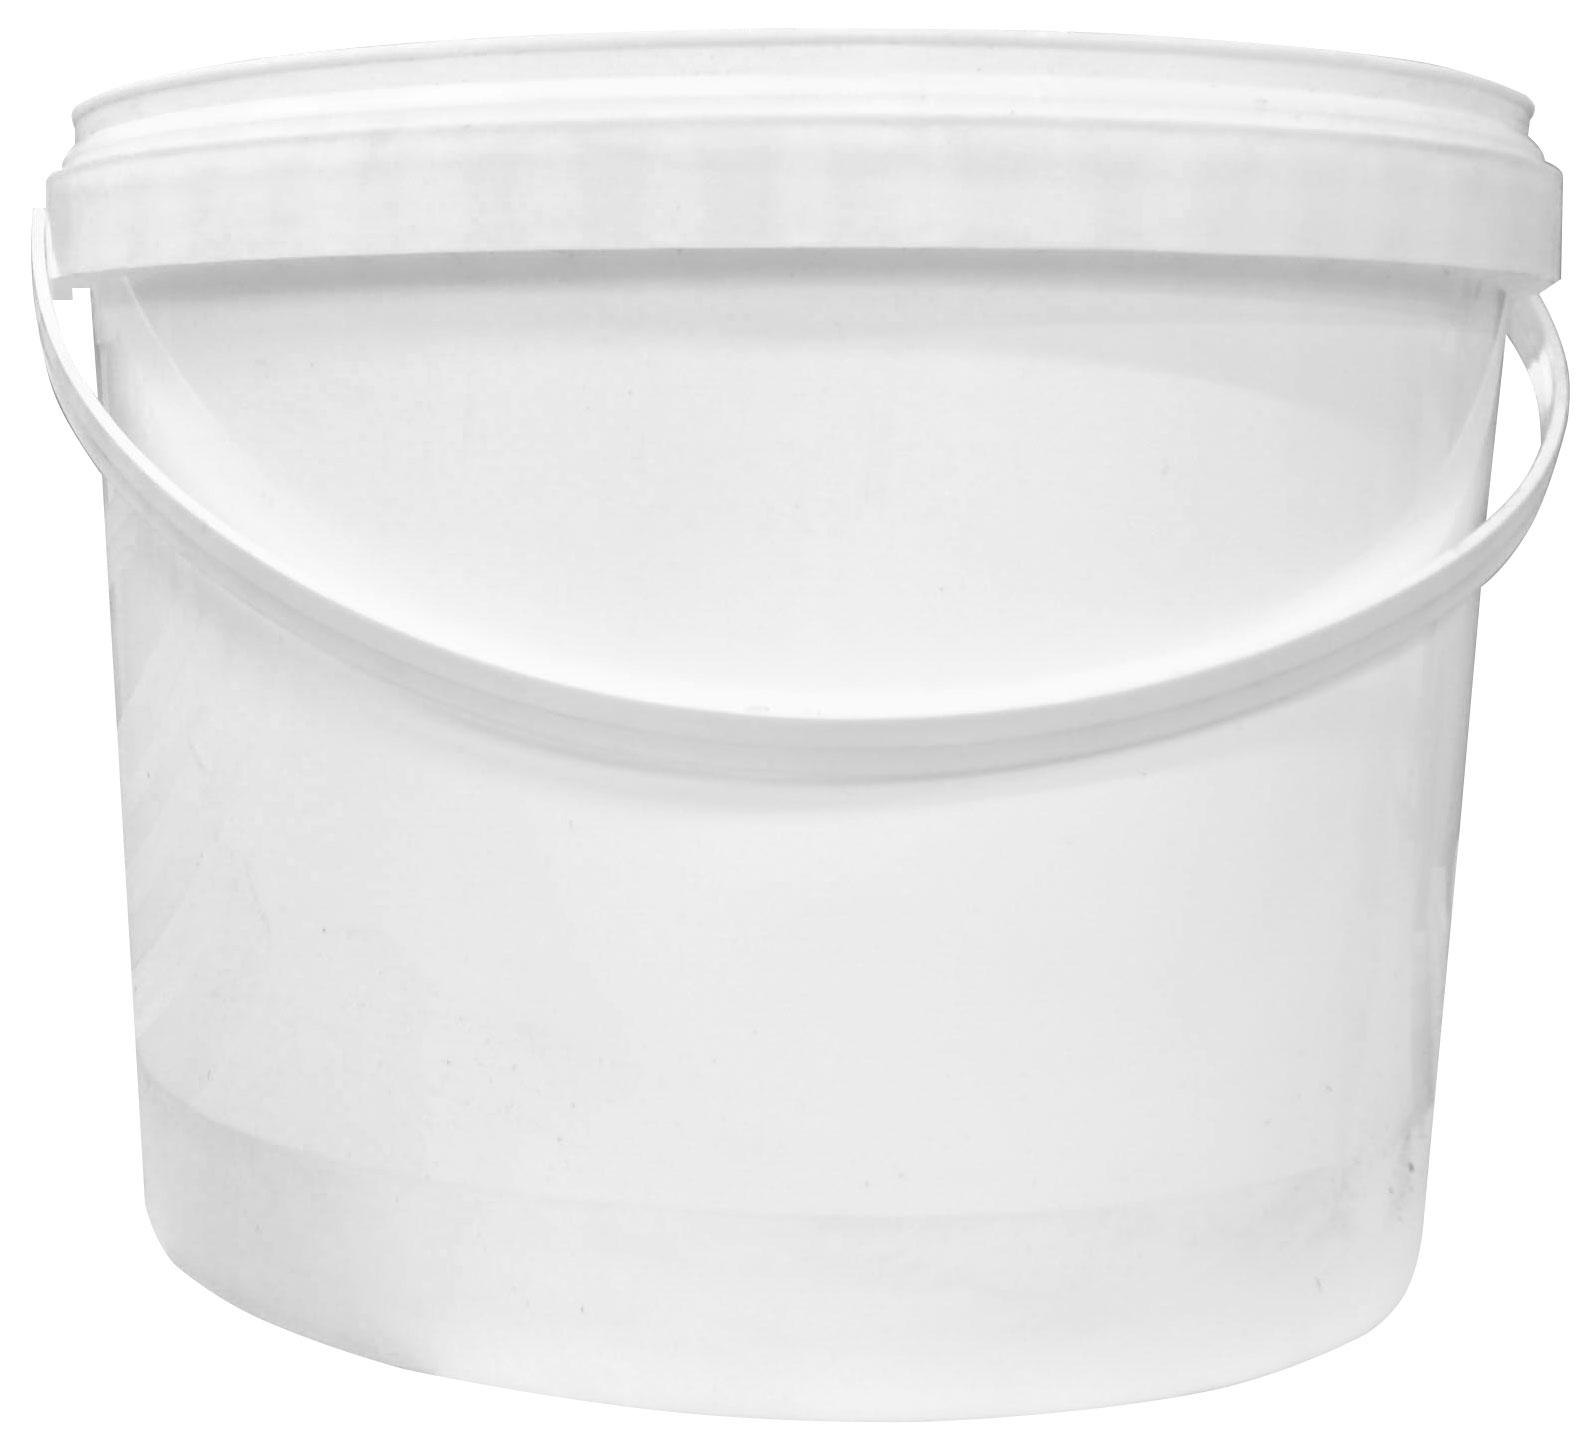 10 Litre White Plastic Tub